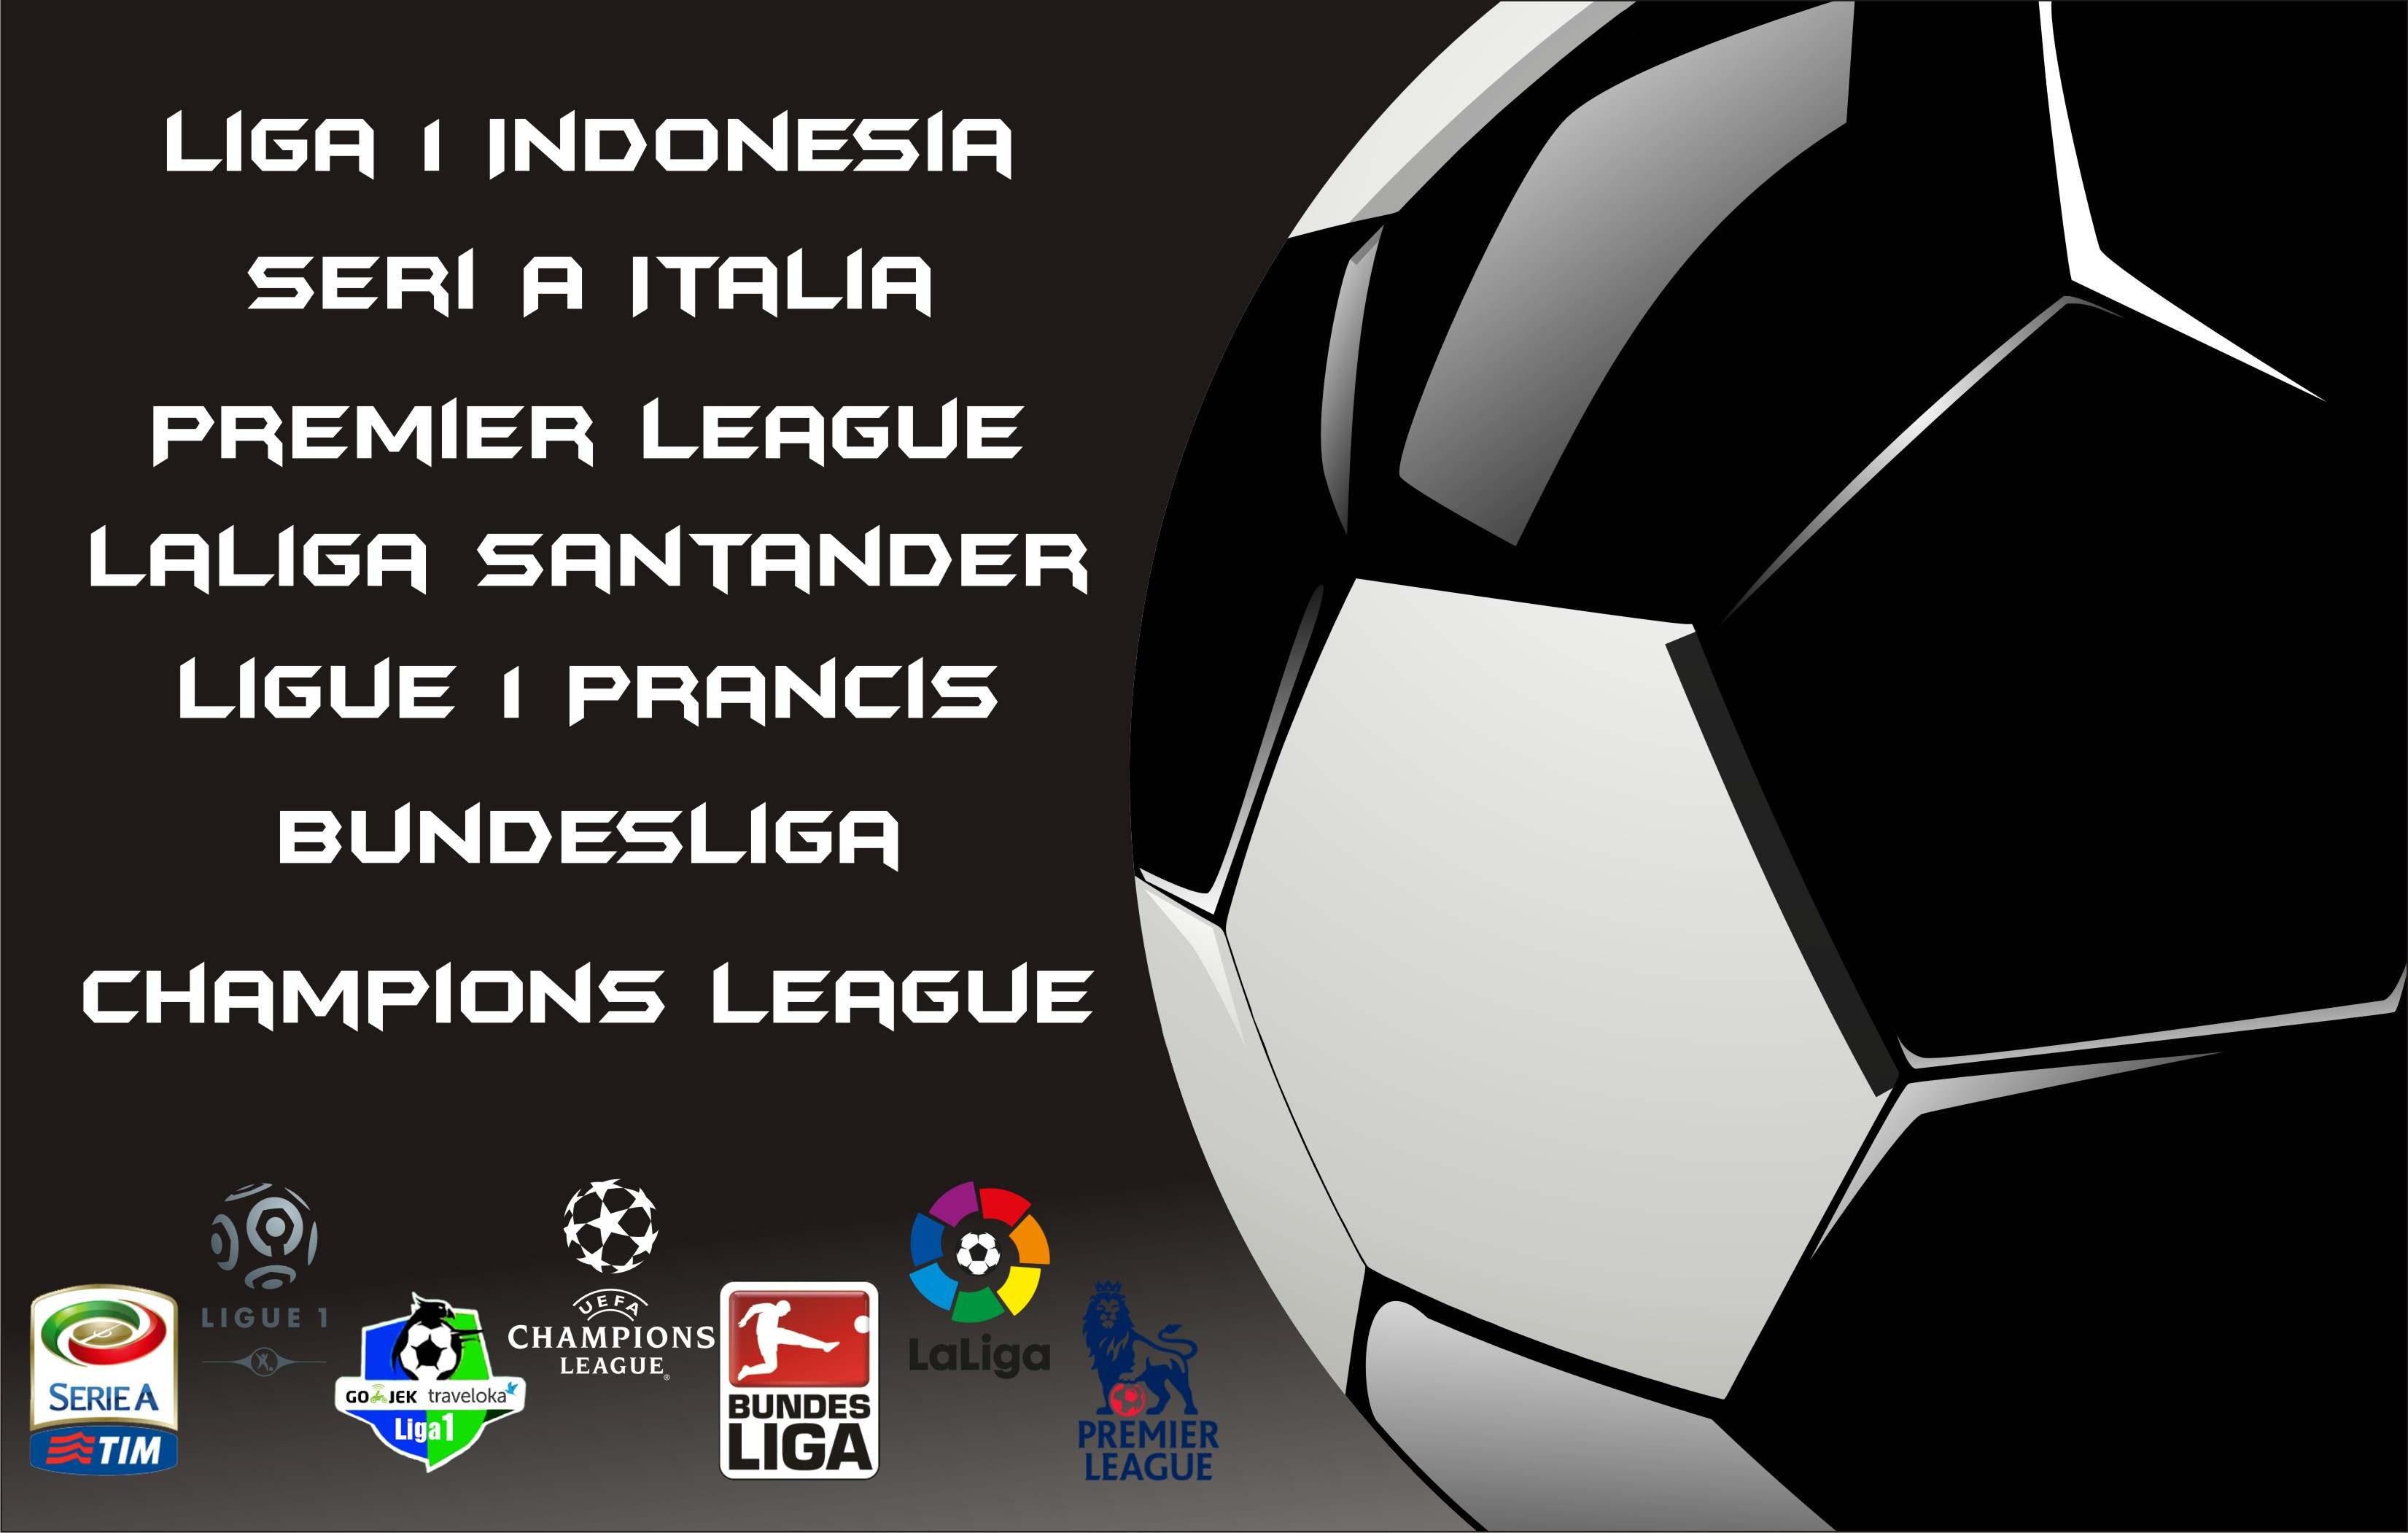 Jadwal Bola Malam Hari Ini Tanggal 7 8 9 Januari 2019 Big Match